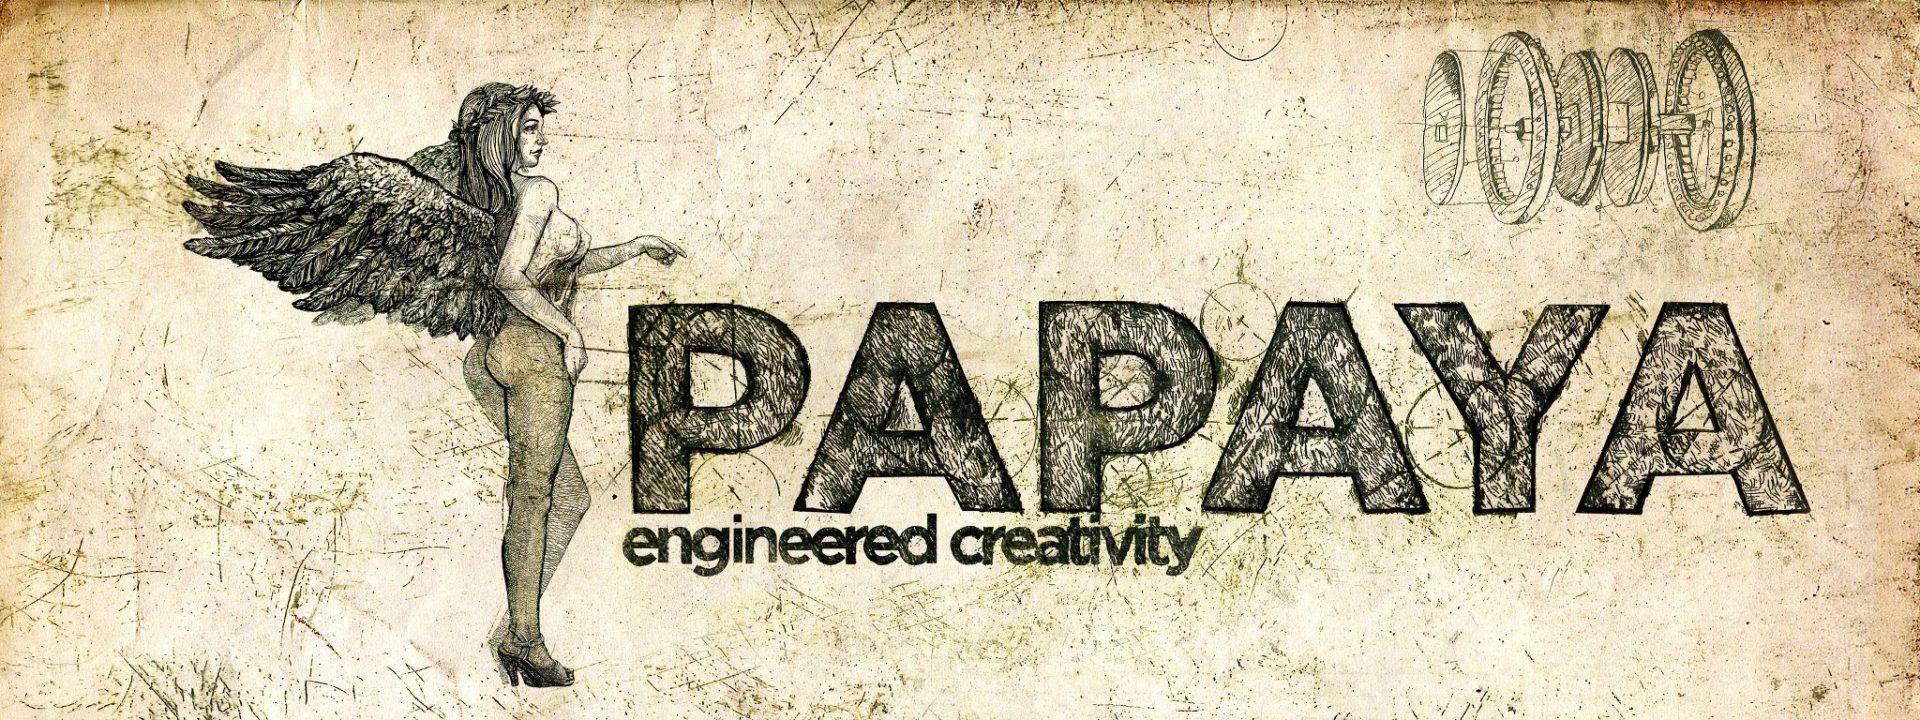 Papaya Advertising, doza de publicitate făcută cu umor și ironii subtile